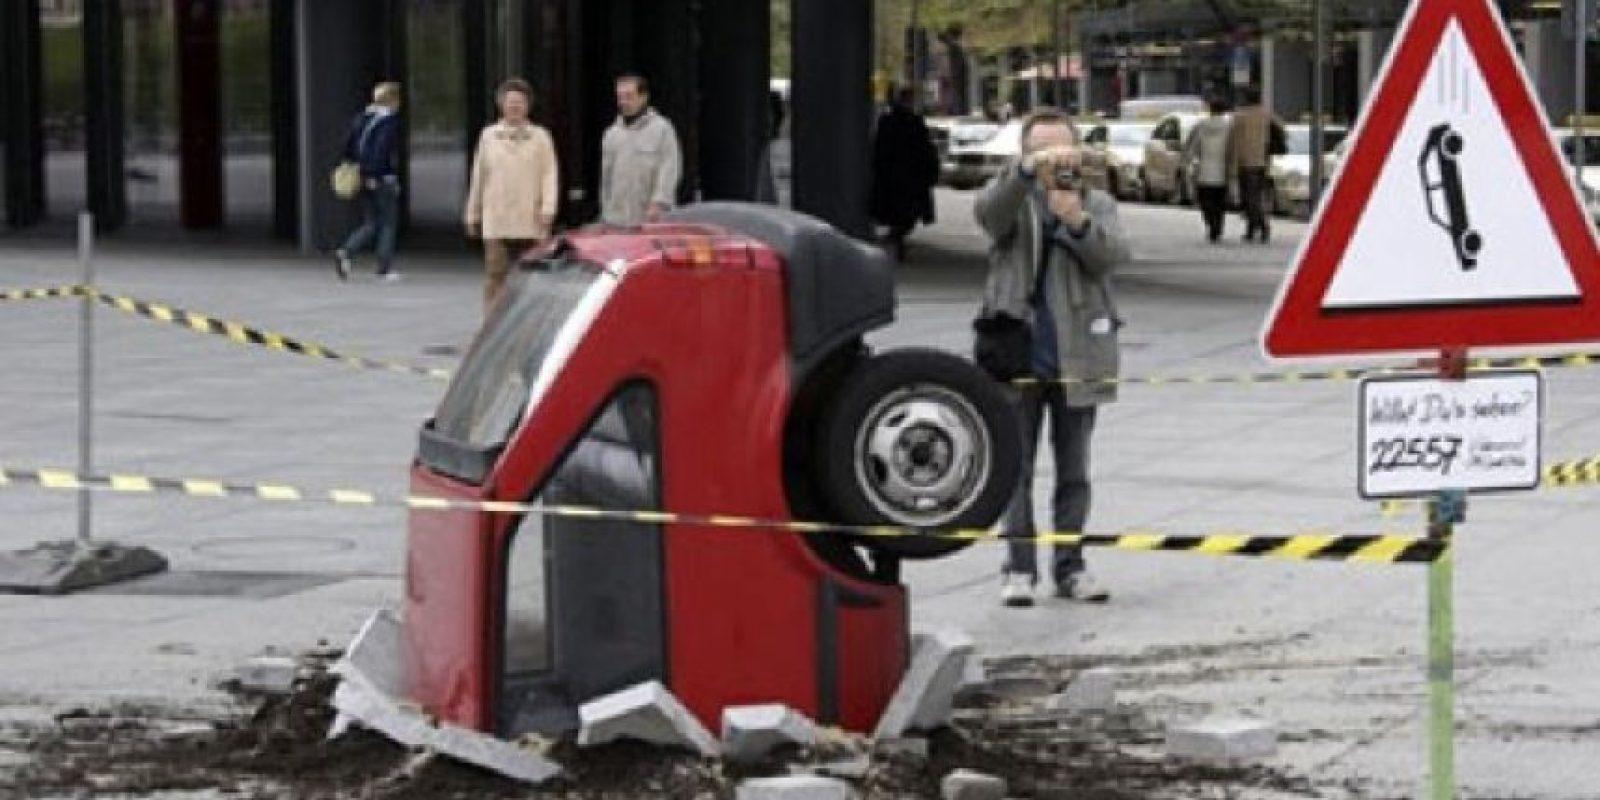 Cuidado auto tragado por el suelo Foto:Imgur